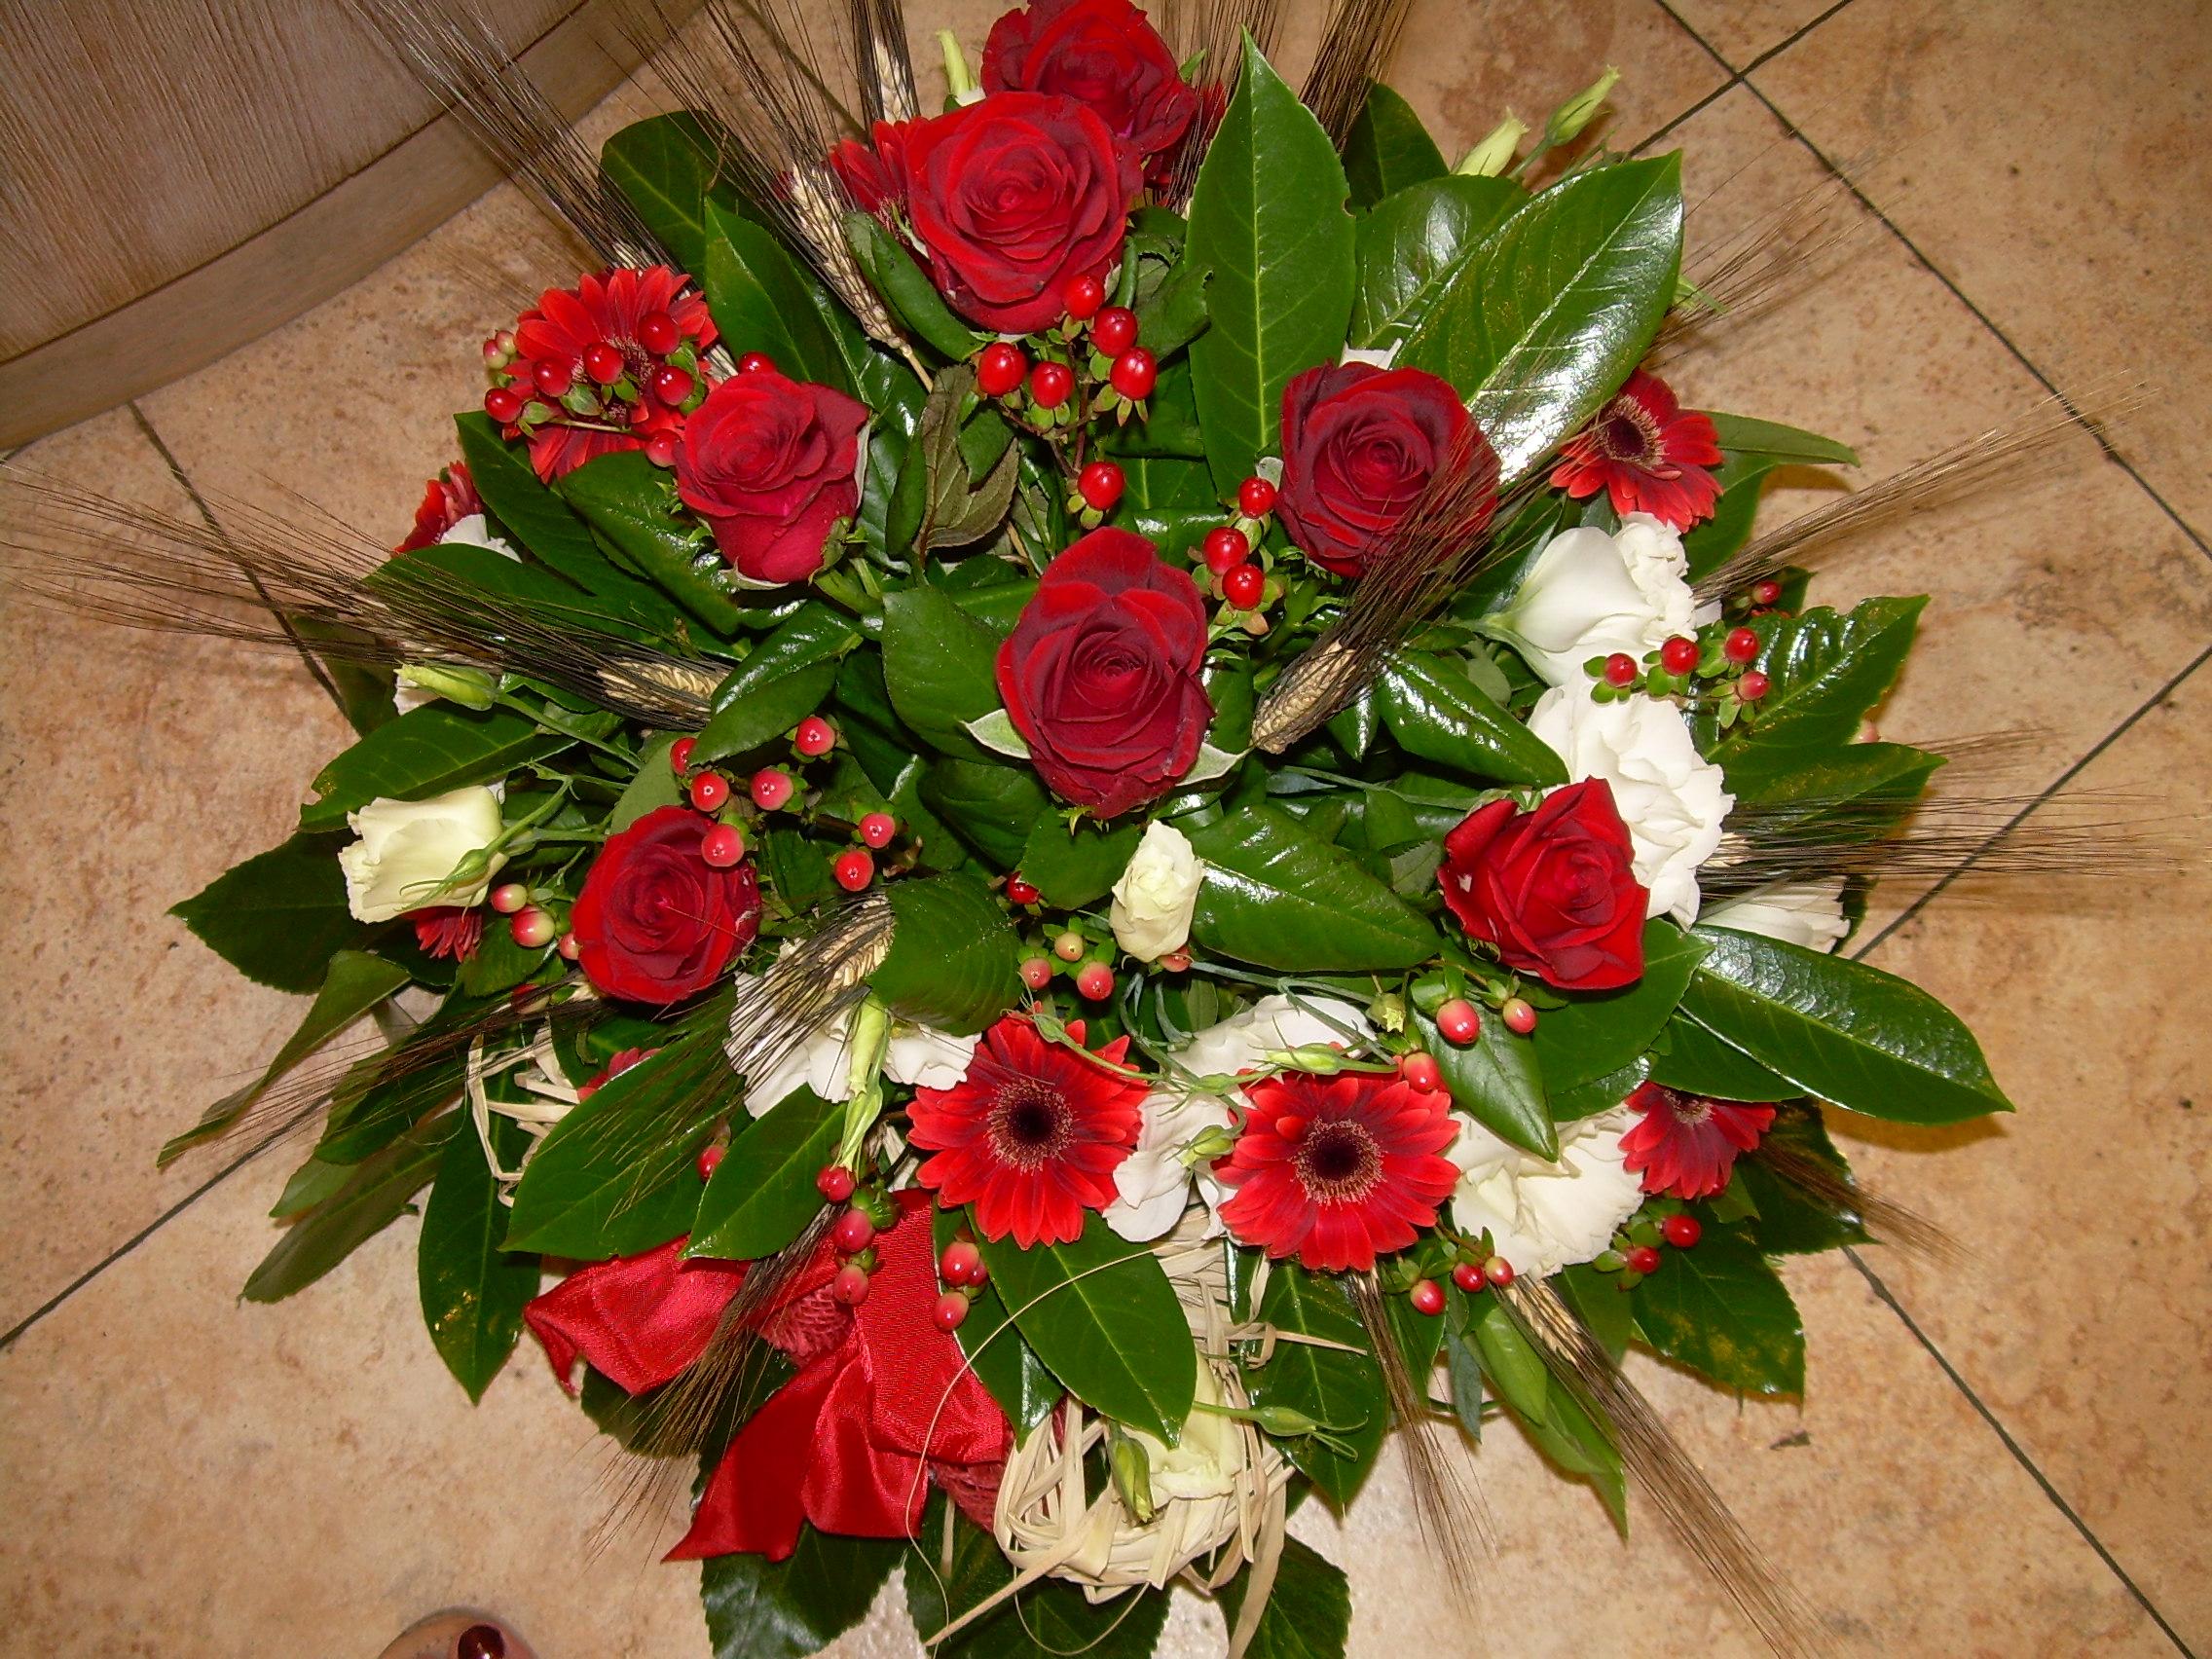 Elisabetta fiori e piante centrotavola con gerbere rose iperico spighe di grano e lauro ceraso - Interflora contatti ...